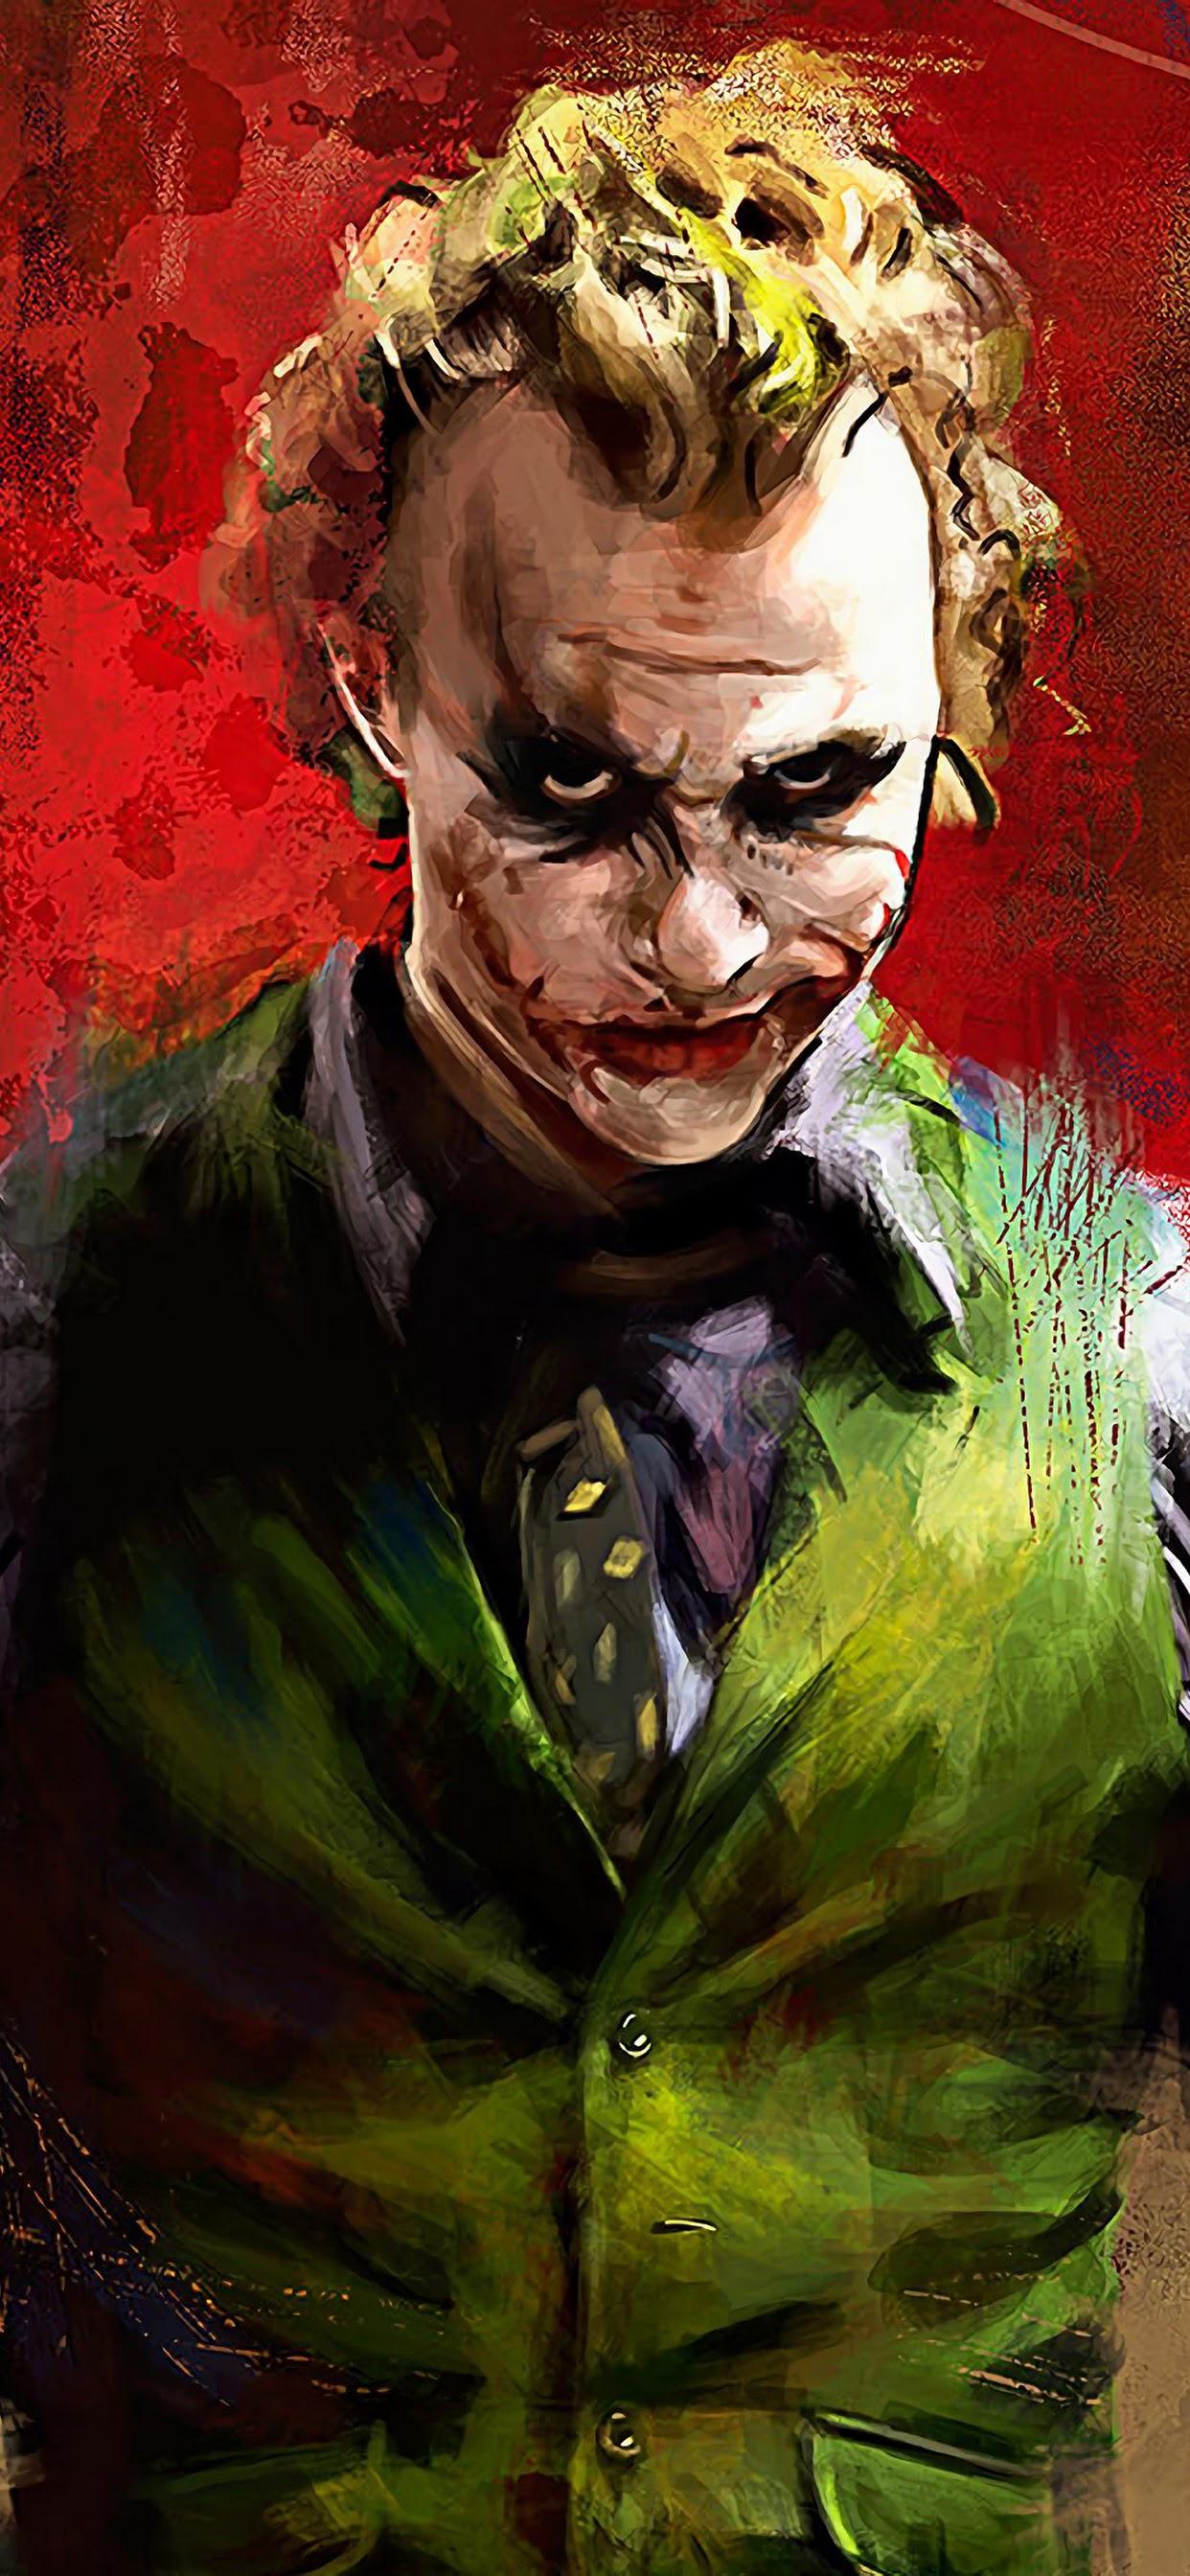 Joker Heath Ledger 4k Wallpaper 139